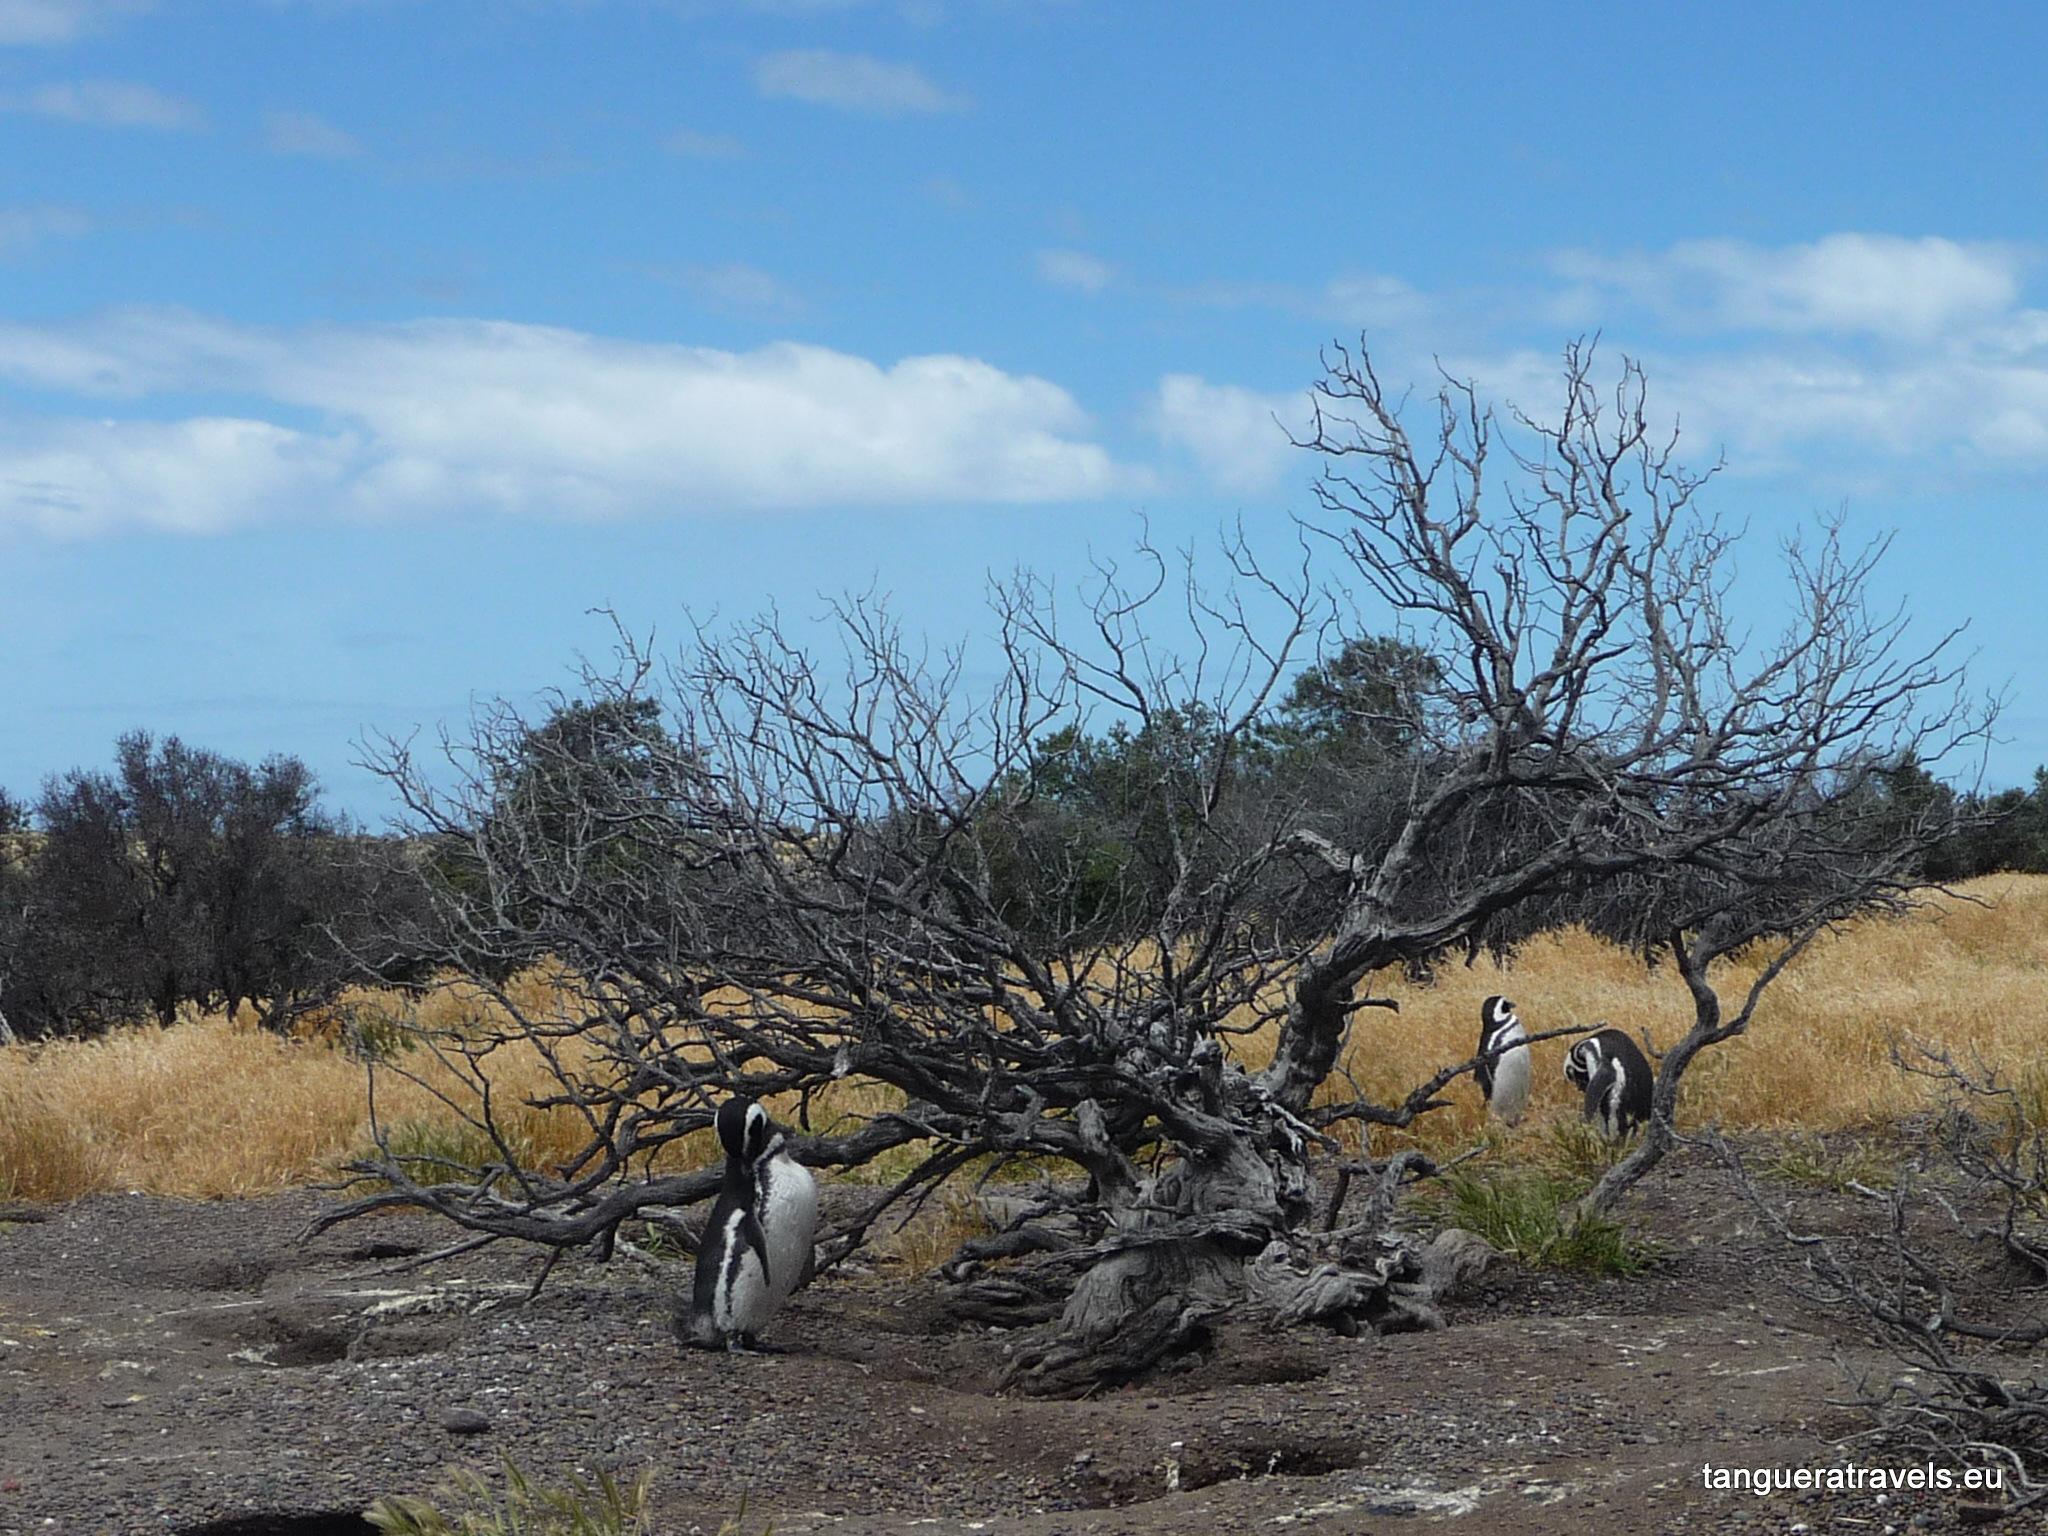 penguins and a petrified tree